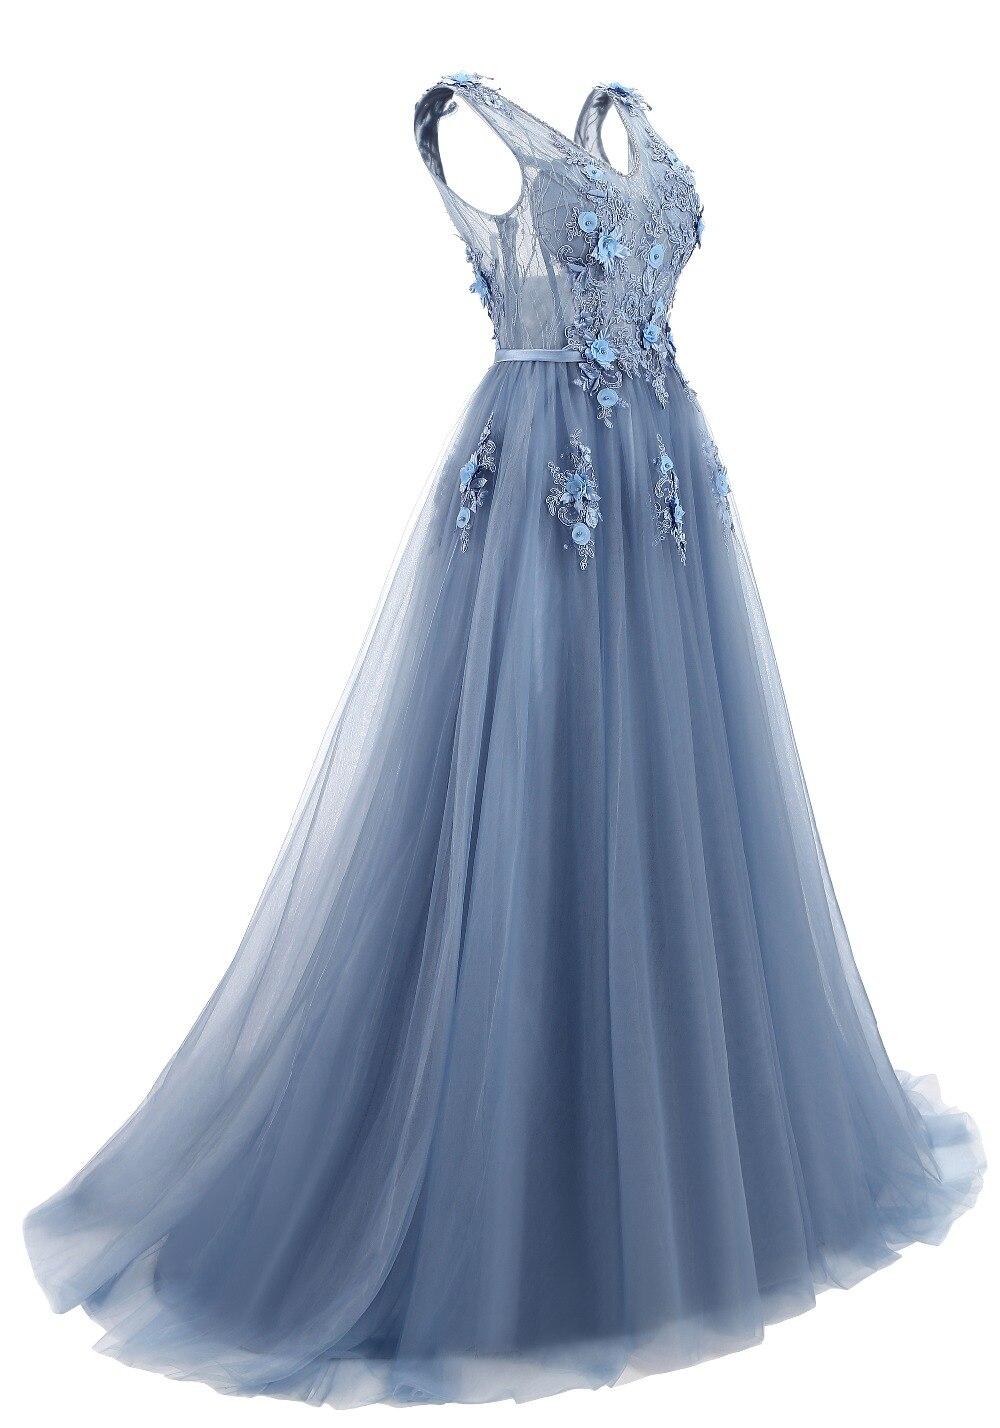 Elie Saab bleu robes De soirée 2019 grande taille Tulle Appliques longues robes formelles robes col en V à lacets sans manches Robe De soirée - 3